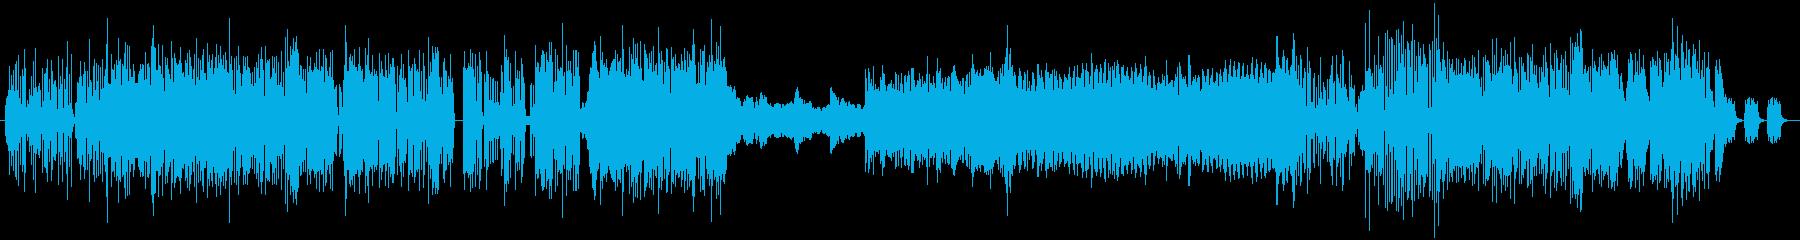 KawaiiFutureBass風の再生済みの波形